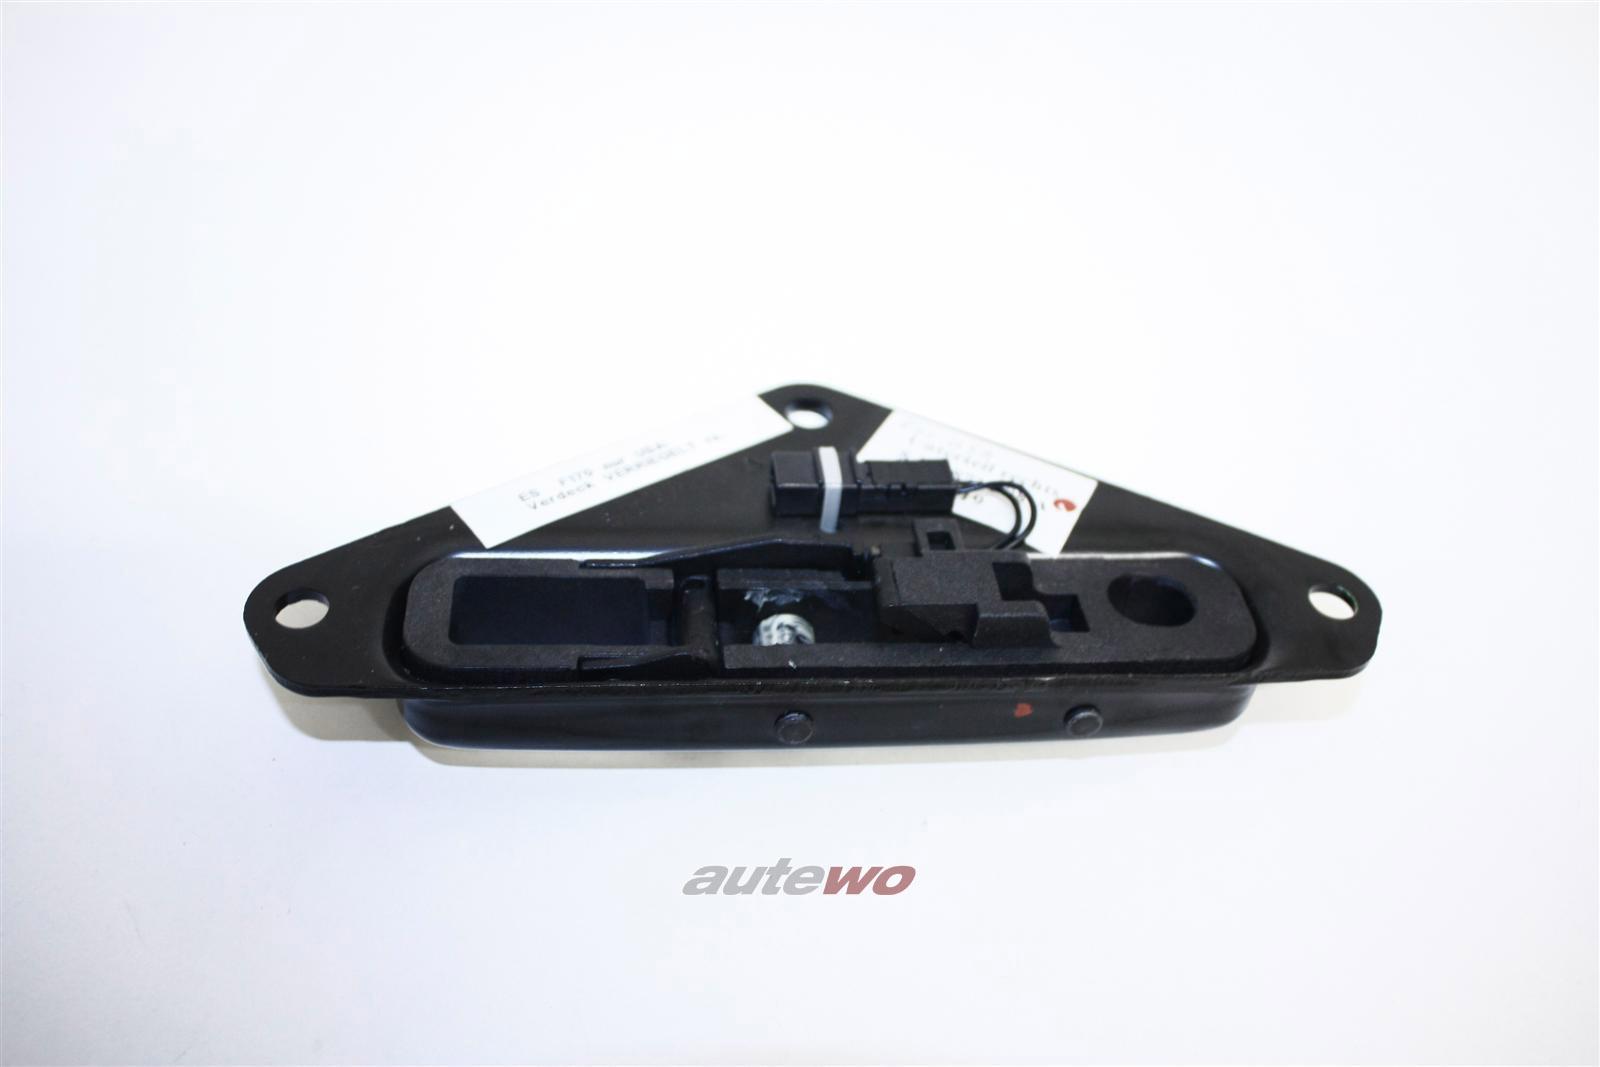 NEU! Audi A4/S4/RS4 Cabrio Verdeckverschluss Unterteil USA Rechts 8H0871398A 8H0871398